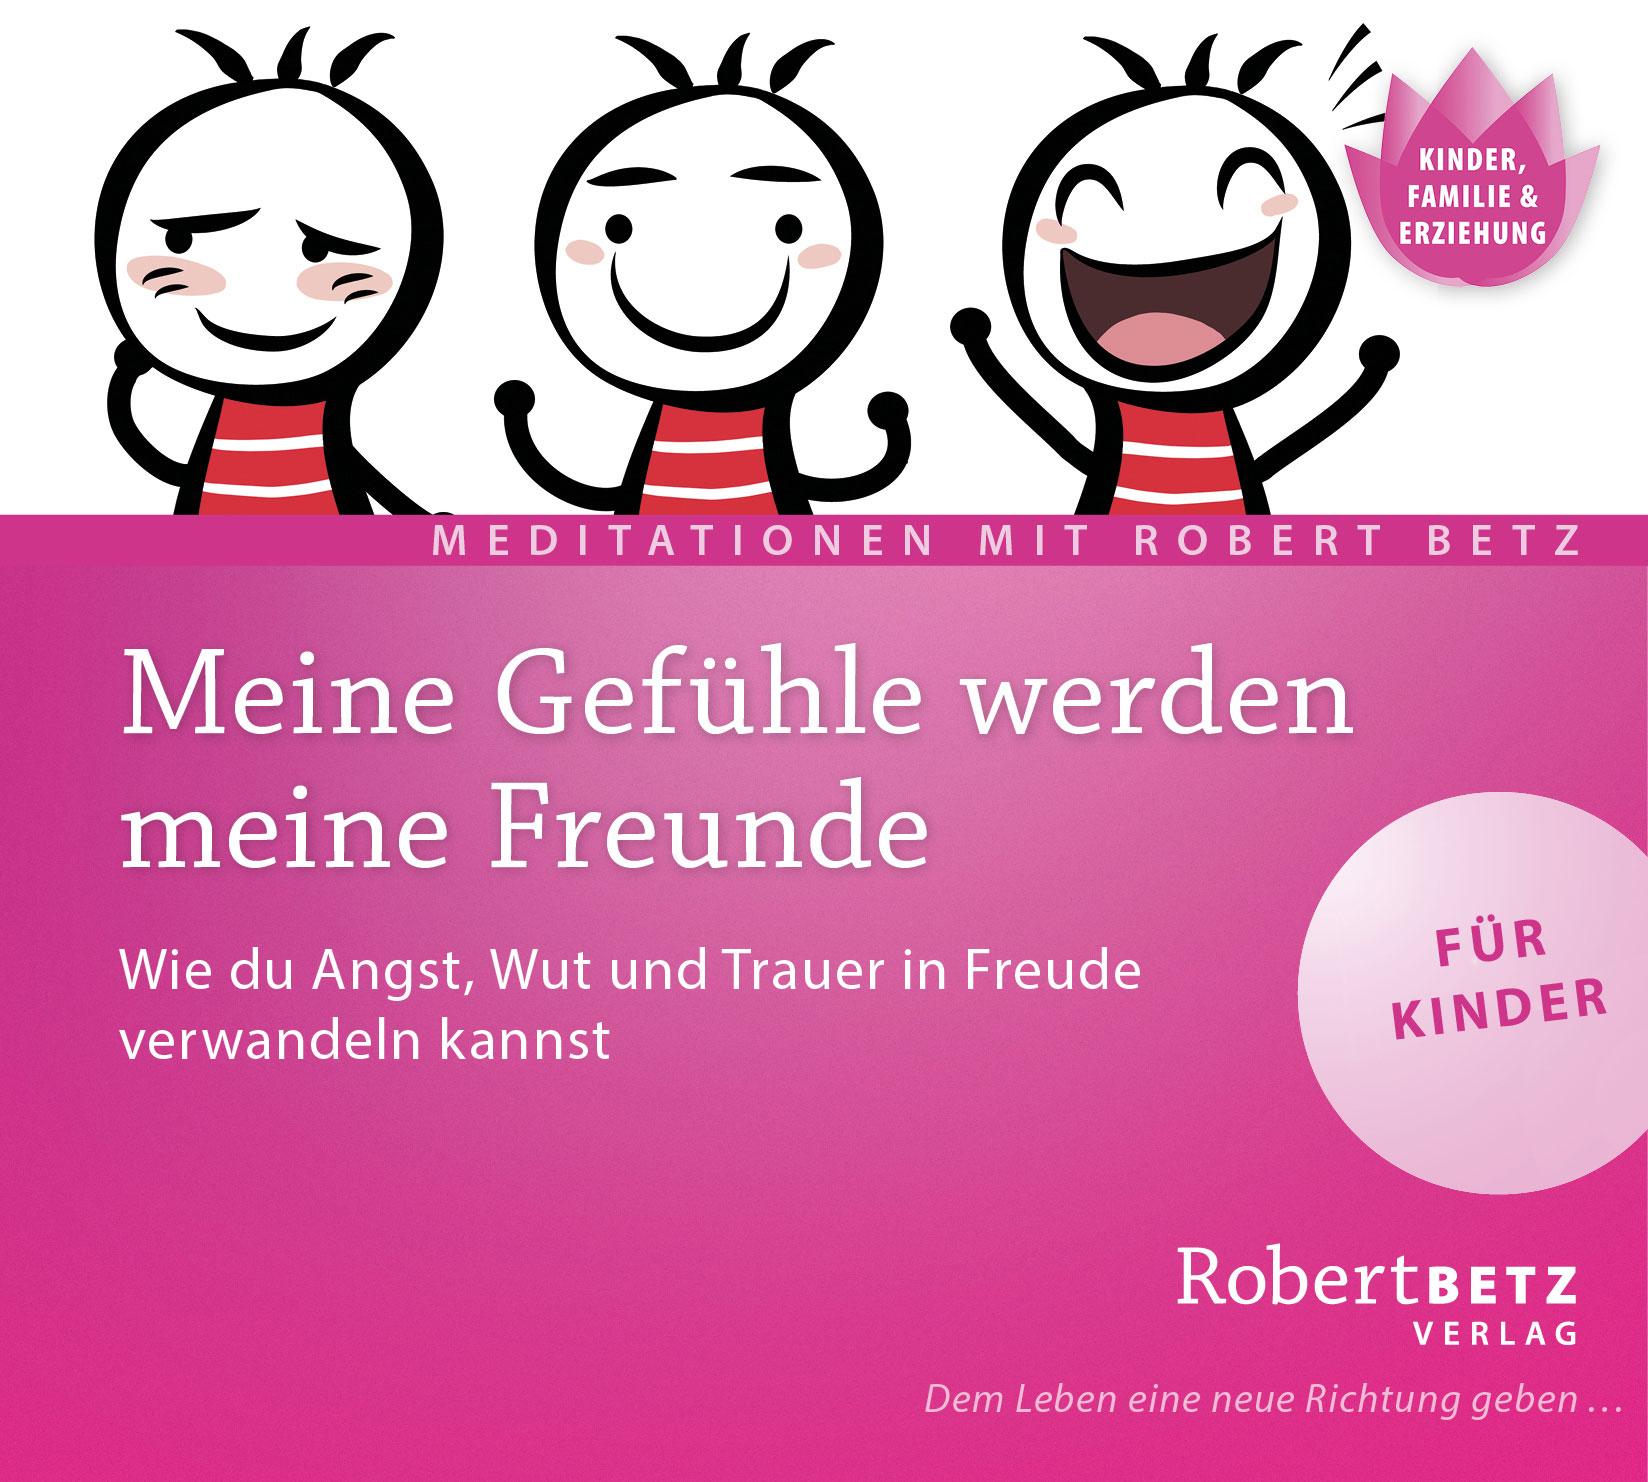 Meine Gefühle werden meine Freunde: Wie du Angst, Wut und Trauer in Freude verwandeln kannst - Robert Betz